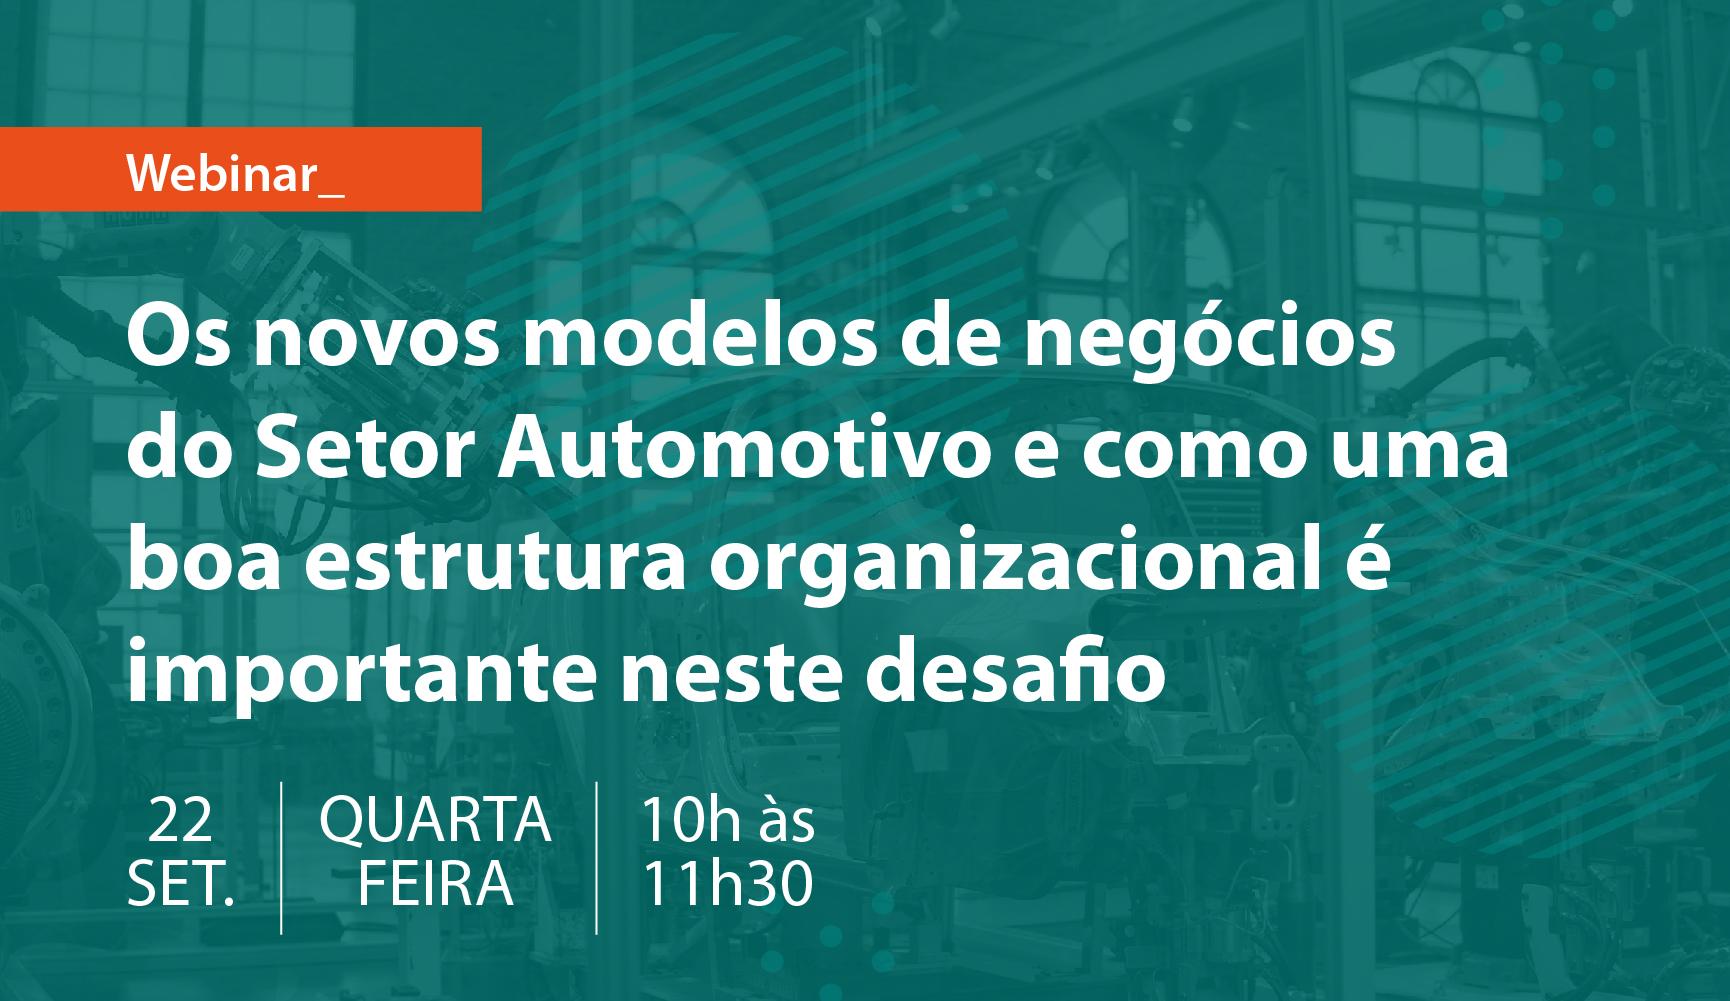 Os Novos Modelos de Negócios do Setor Automotivo e Como Uma Boa Estrutura Organizacional é Importante Neste Desafio